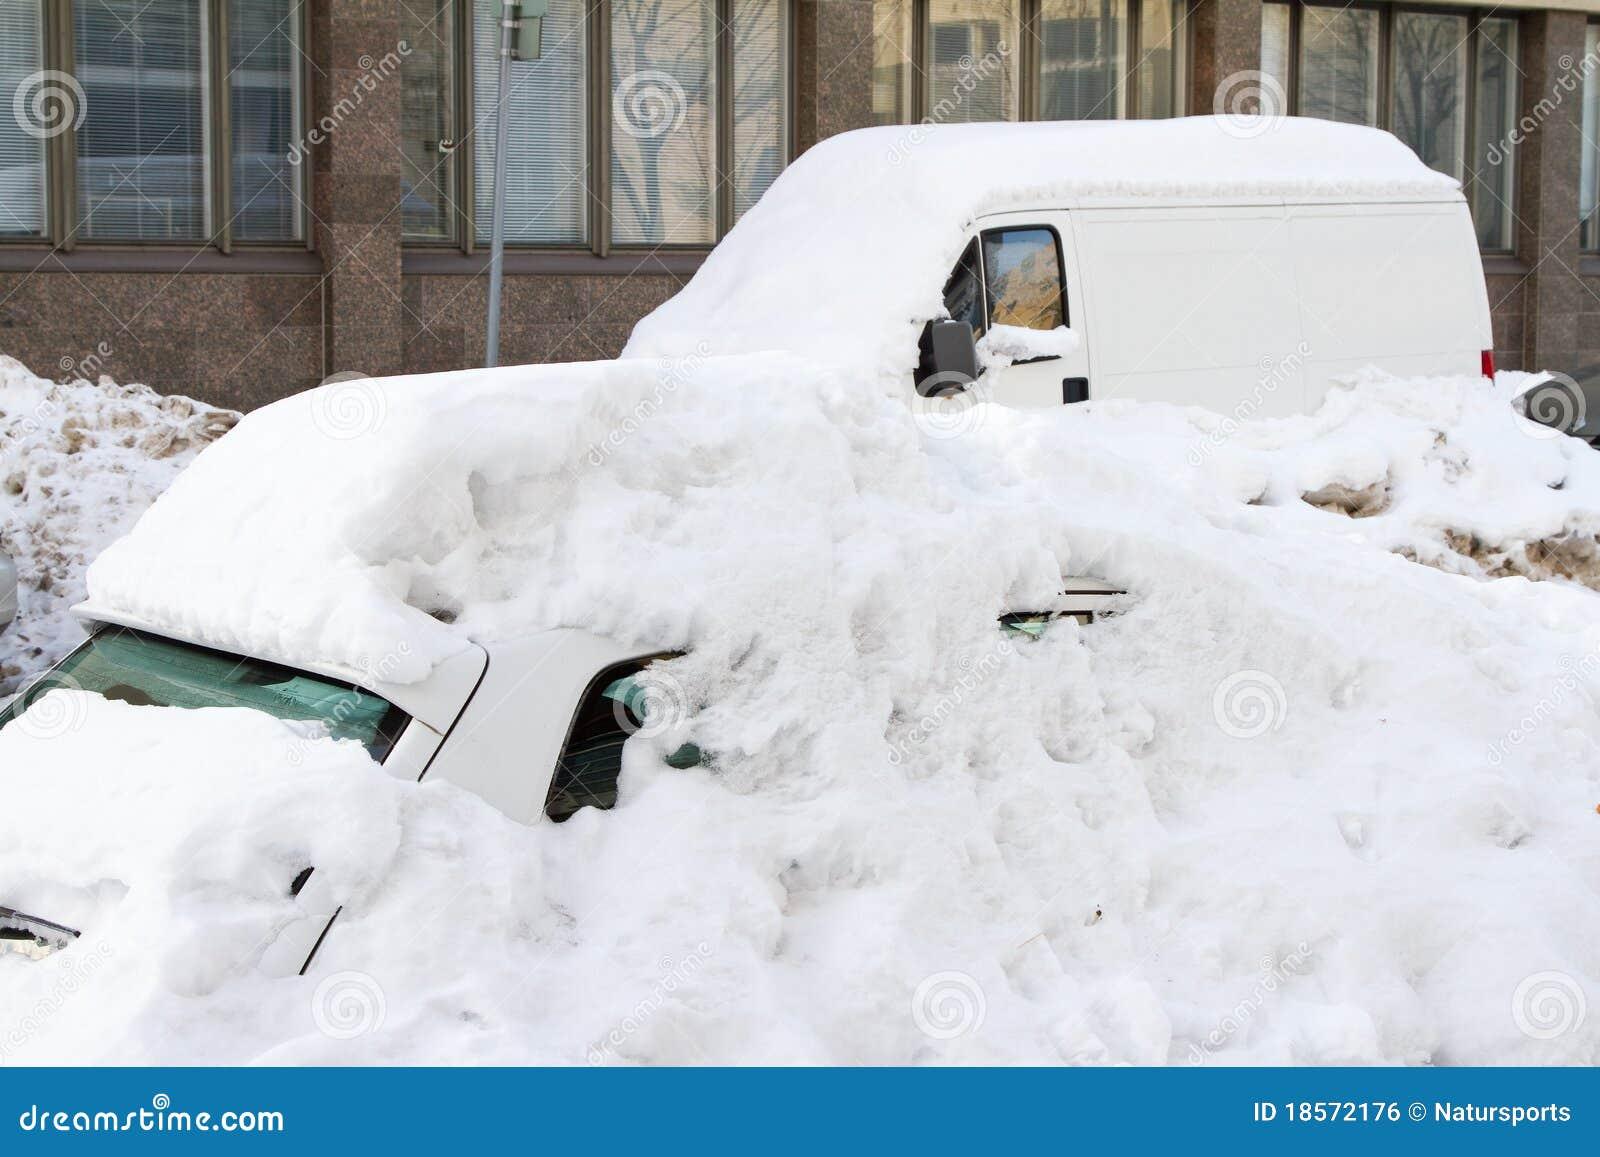 Snowfall in Helsinki (Finland)